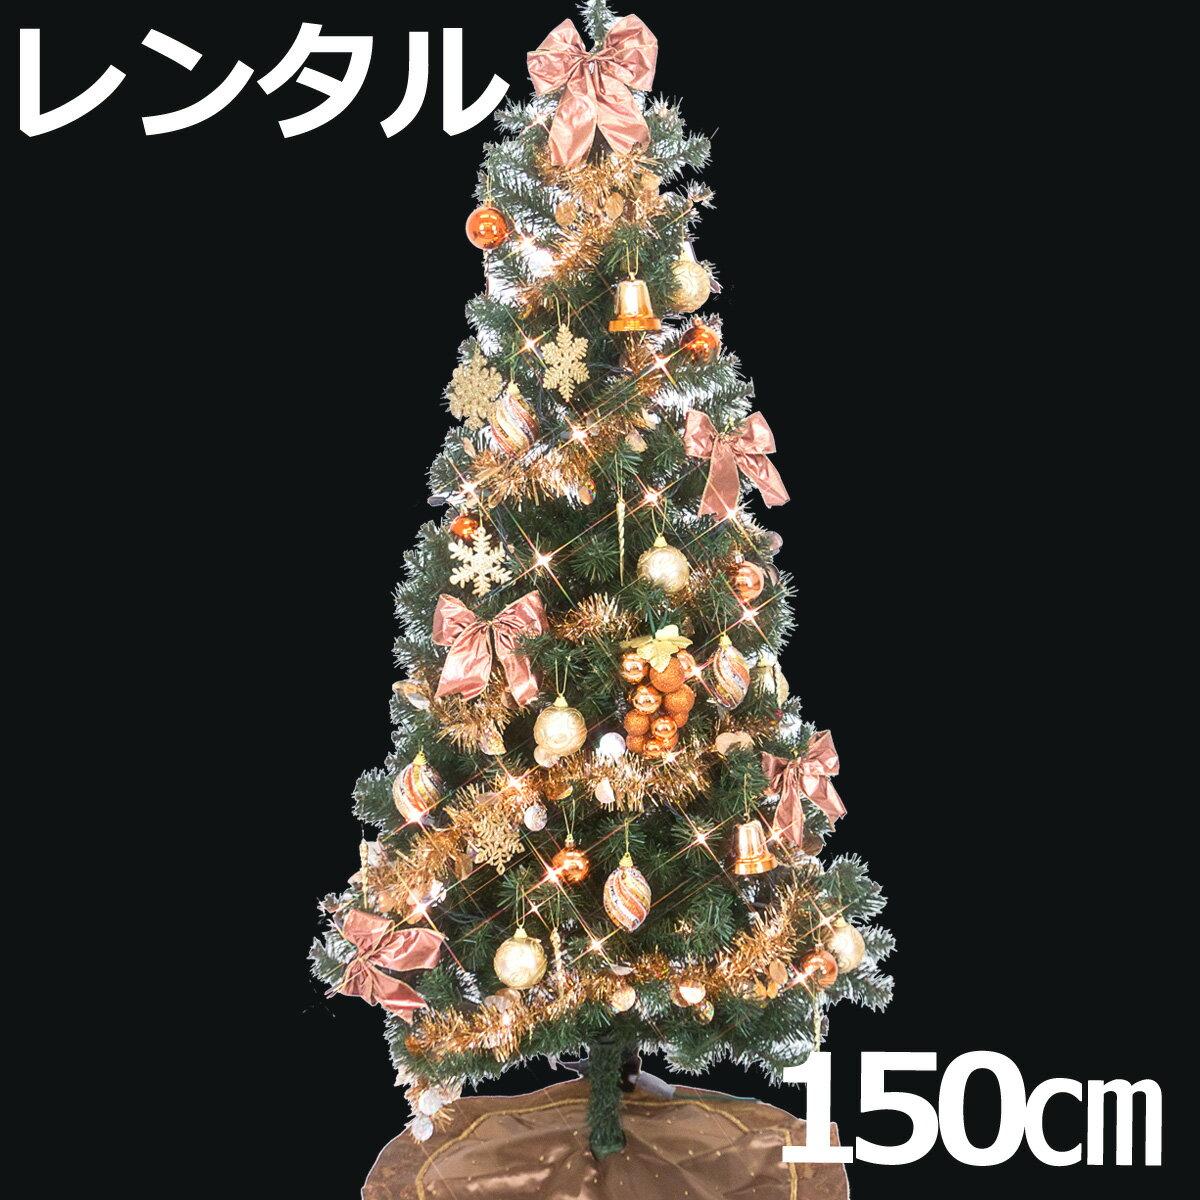 【レンタル】 クリスマスツリー セット 150cm コパー&ゴールド 【往復 送料無料】 クリスマスツリー レンタル fy16REN07